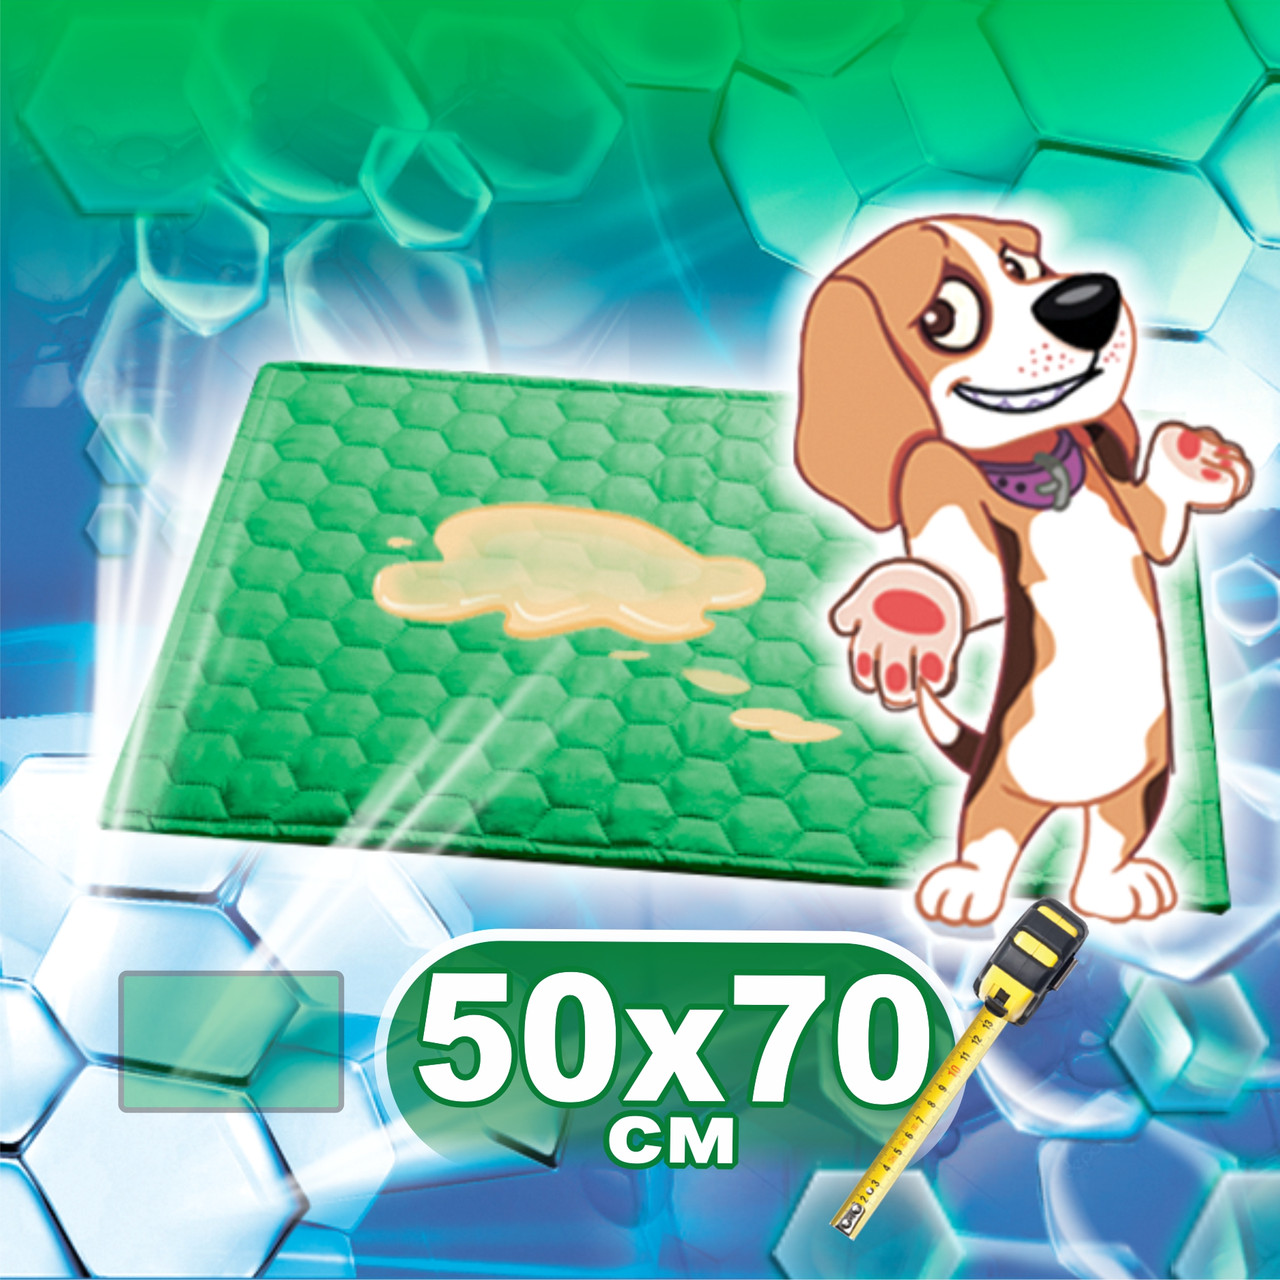 Многоразовая пеленка для собак 50х70 см непромокаемая зеленая